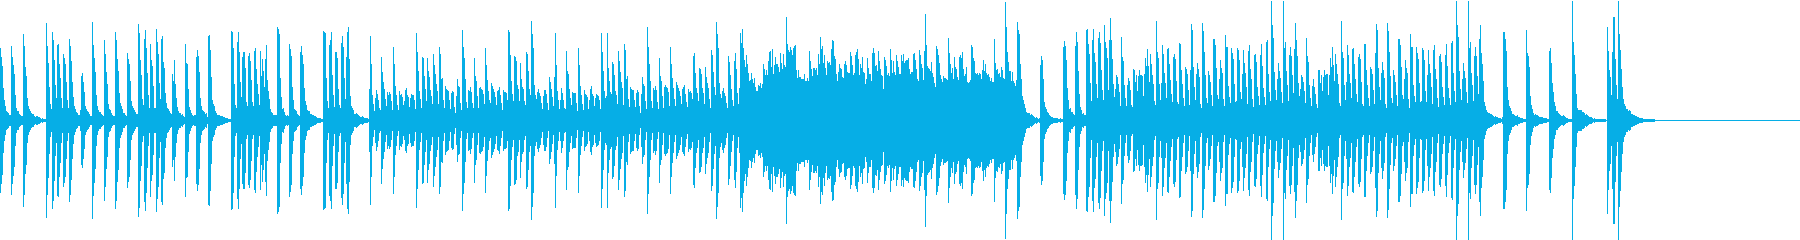 元気でカワイイ 子供映像向けピアノソロCの再生済みの波形